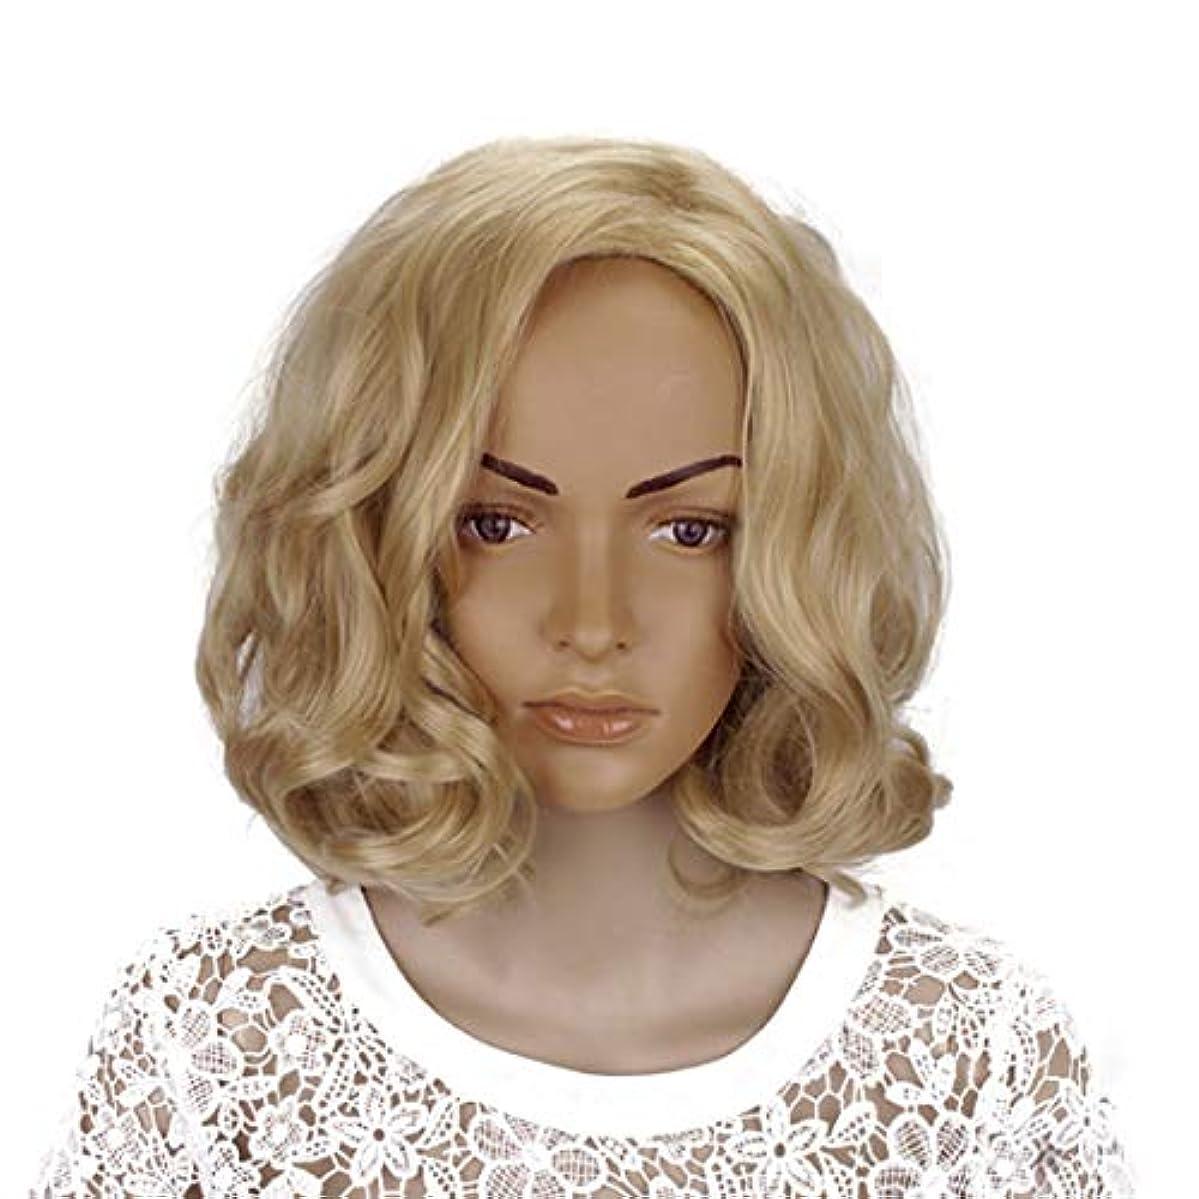 気をつけて白雪姫句YOUQIU 女性のかつらのための傾斜部前髪コスプレ衣装デイリーパーティーウィッグブロンド14インチ女性ボボカーリーの合成 (色 : Blonde, サイズ : 14